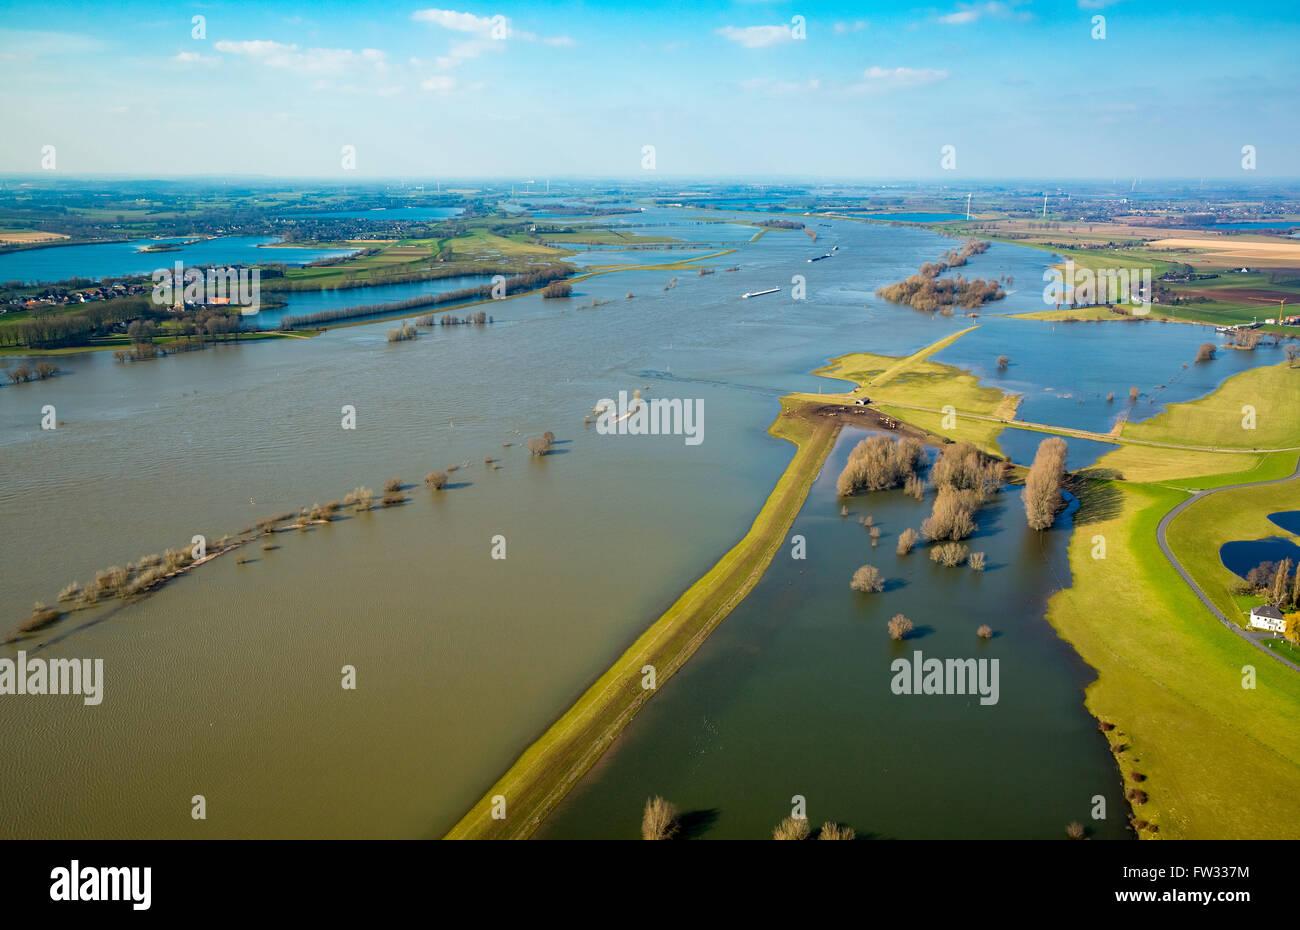 Aerial view of the Rhine floods, Wesel, Niederrhein, North Rhine-Westphalia, Germany - Stock Image